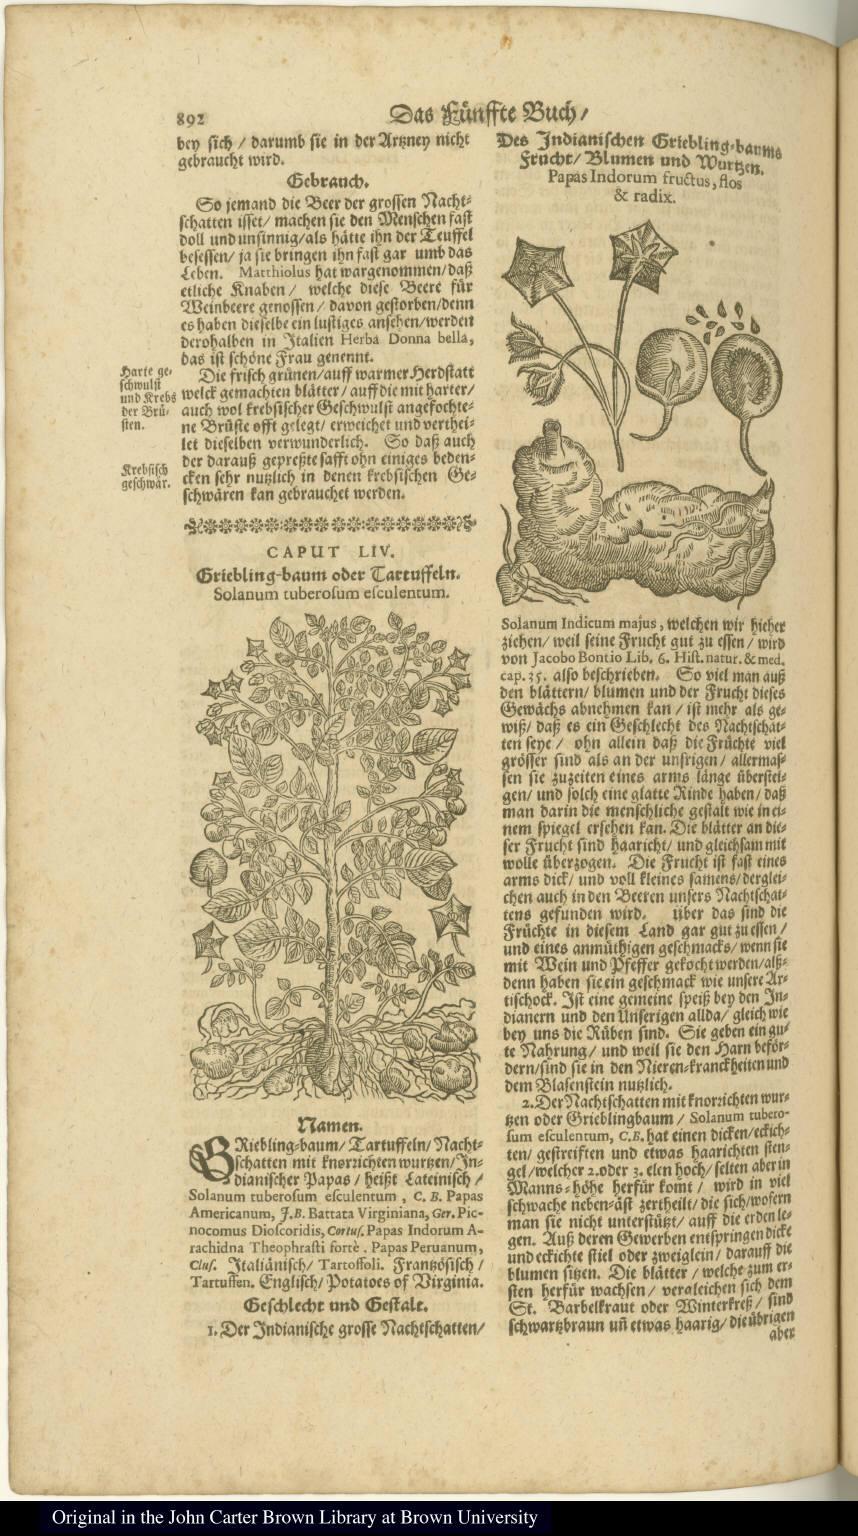 [left] Griebling-baum oder Tartuffeln. Solanum tuberosum esculentum. [right] Des Indianischen Griebling-baums frucht/Blumen und Wurtzen. Papas Indorum fructus, flos & radix.